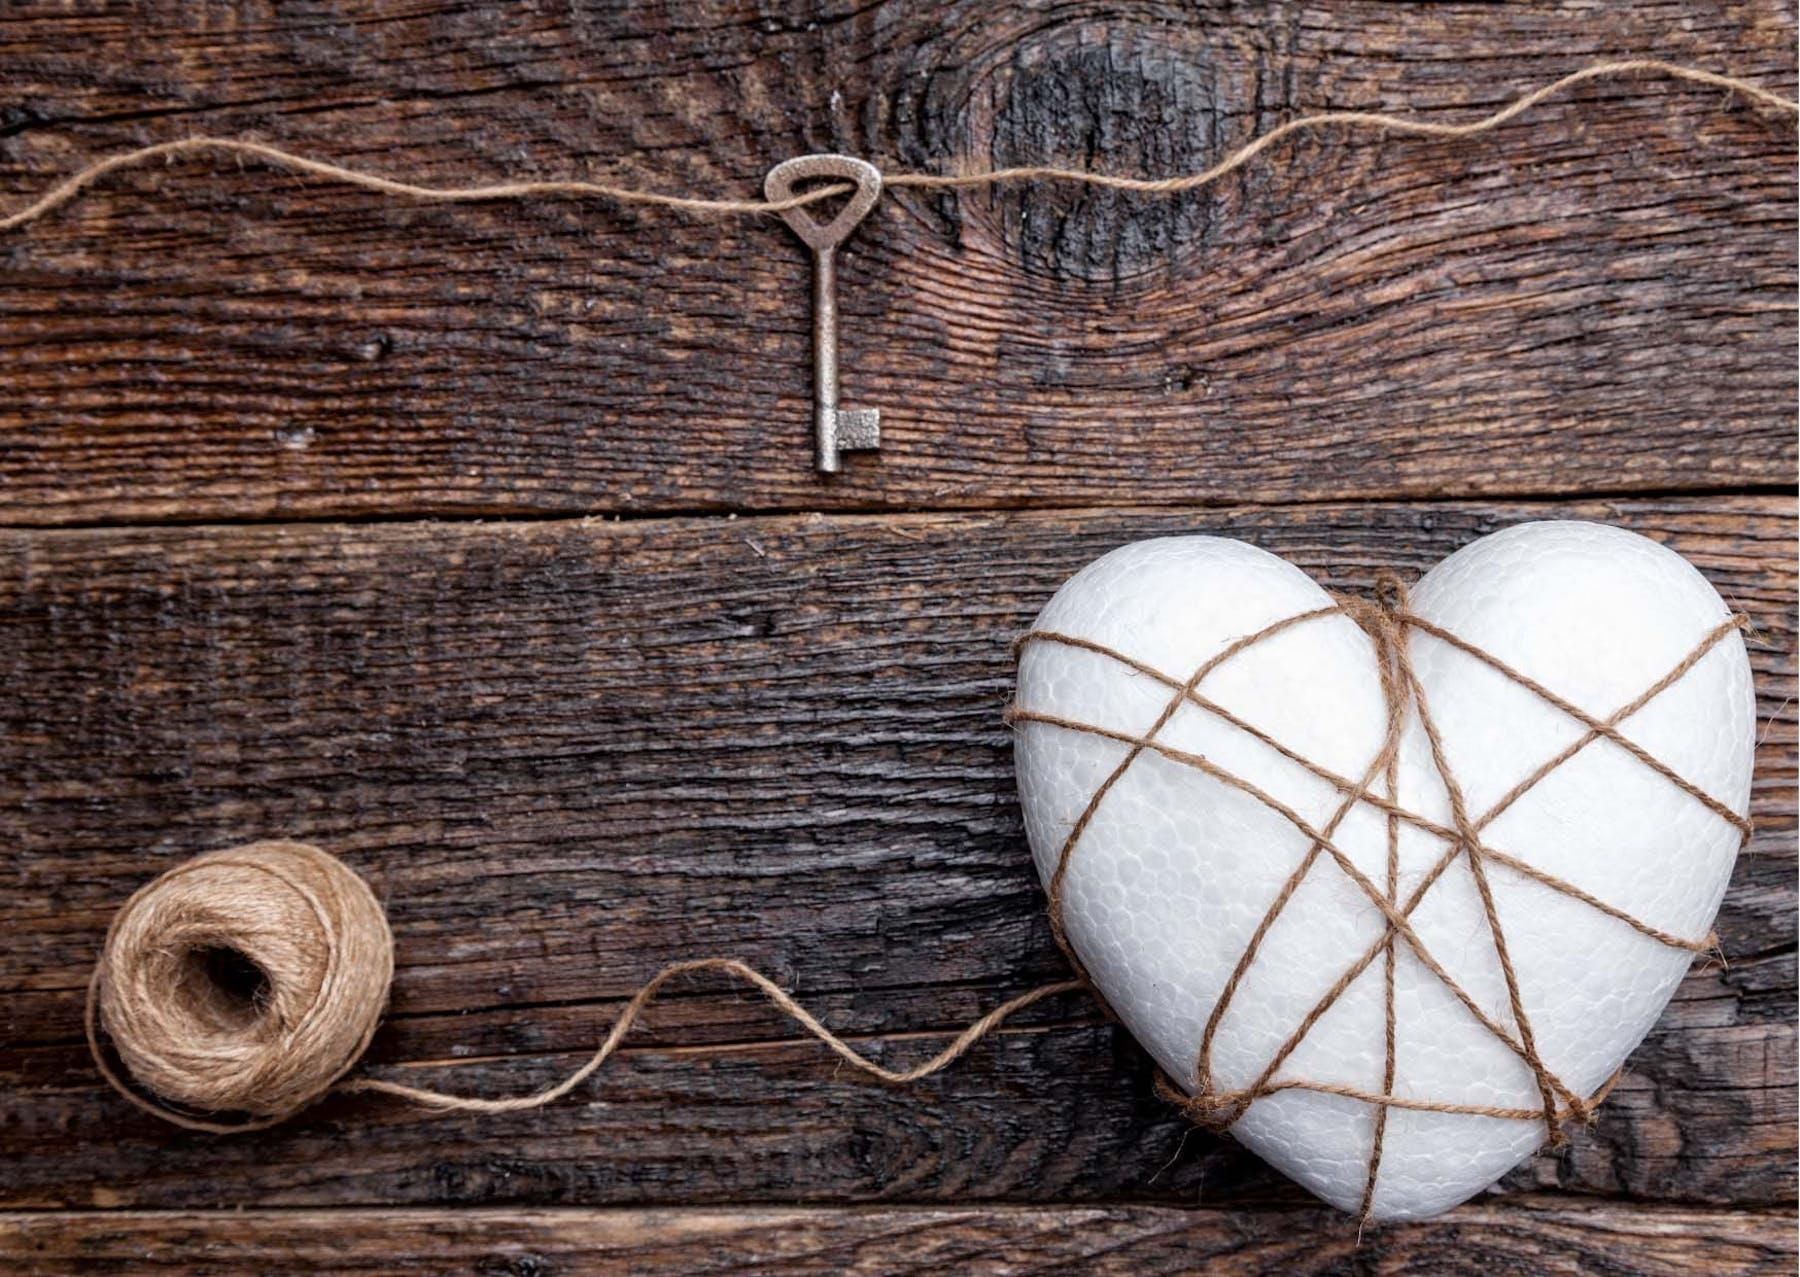 Cultiver l'amour dans sa vie pour le partager autour de soi